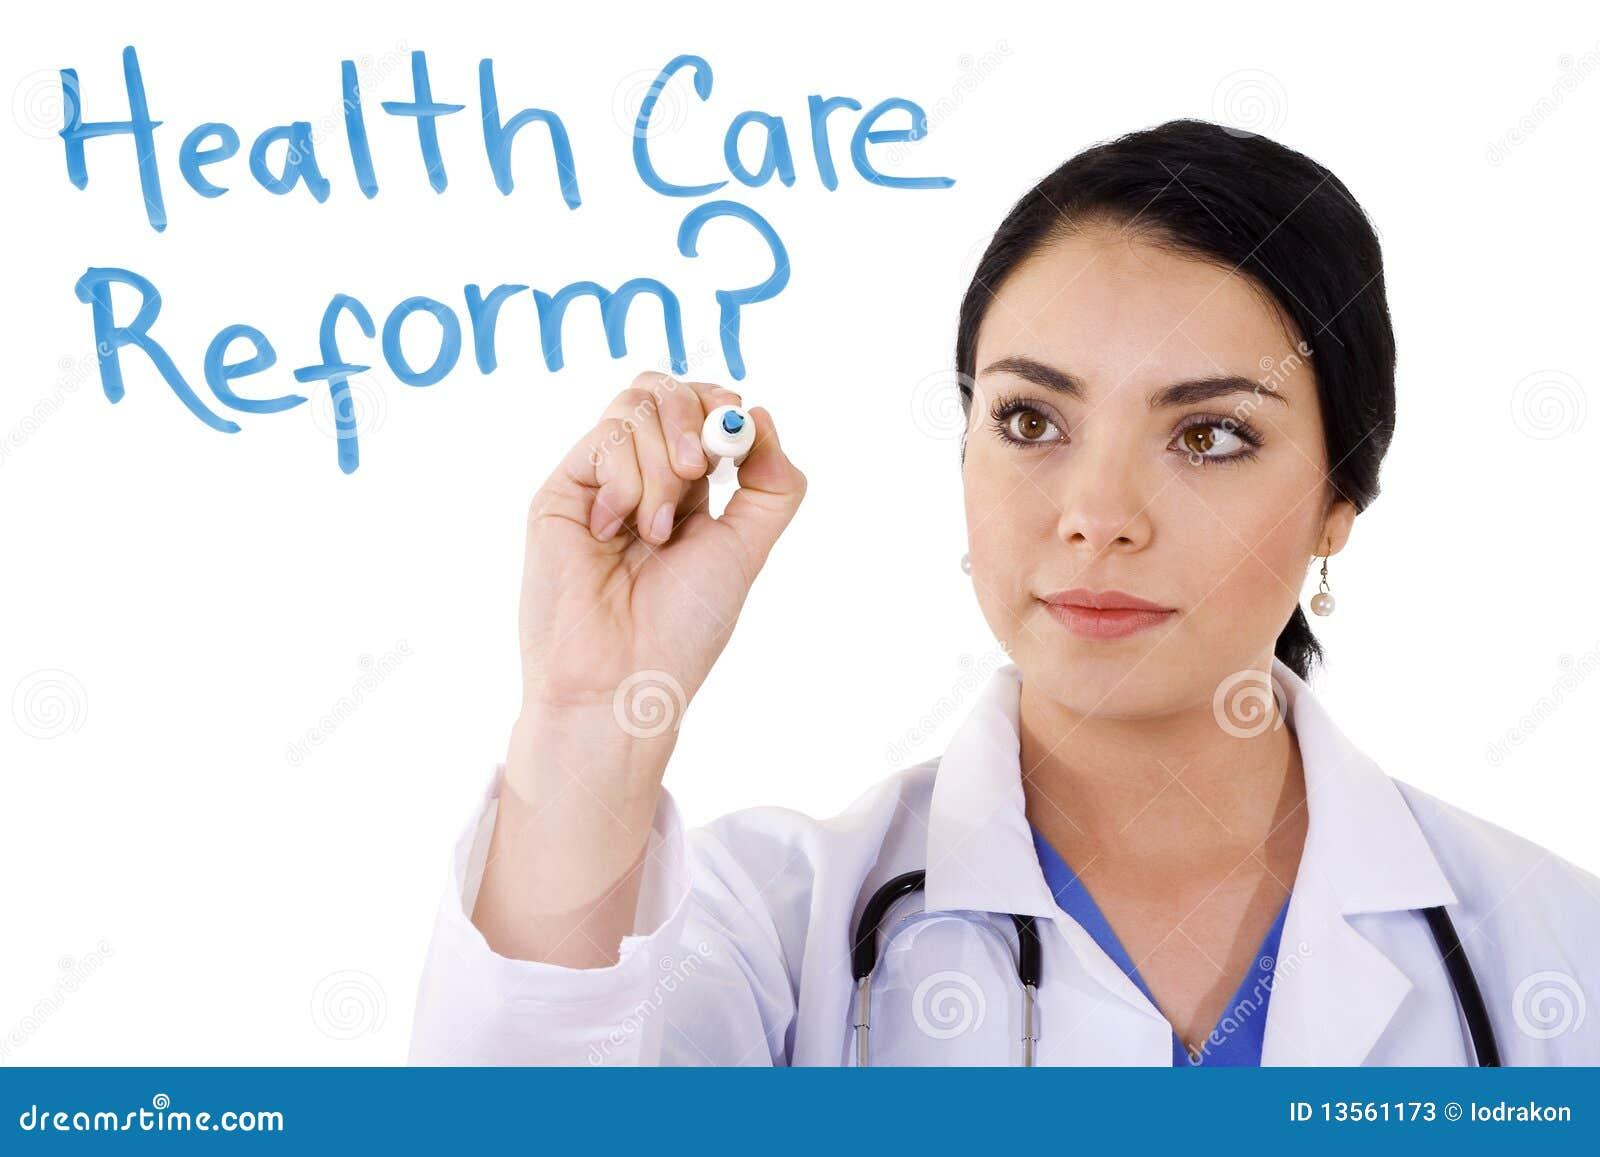 позаботьте реформа здоровья